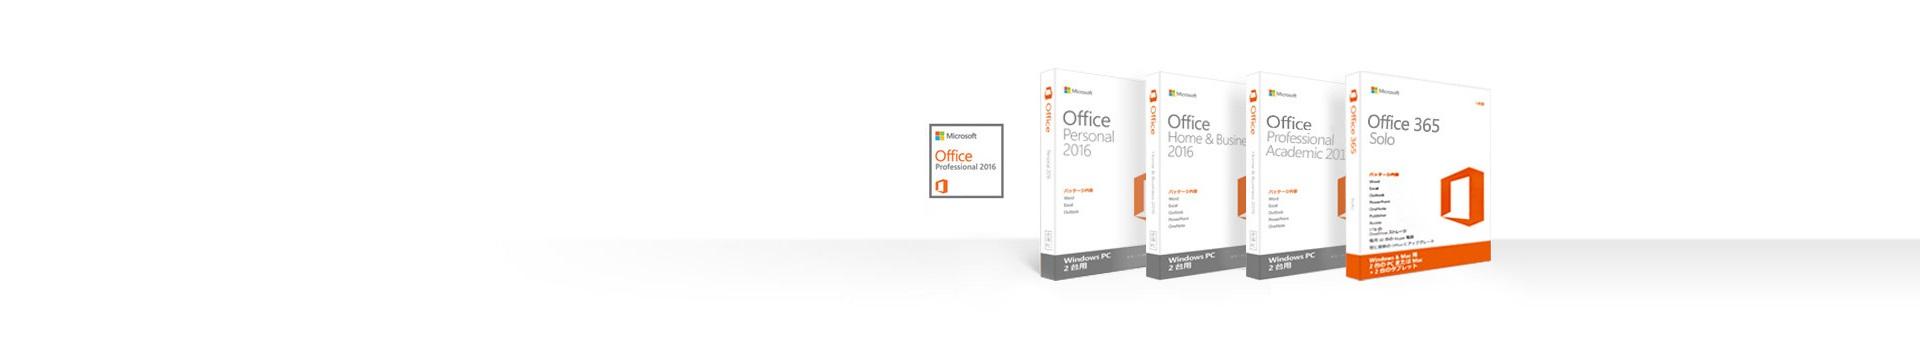 PC 用の Office 2016 と Office 365 の製品の箱が並んでいます